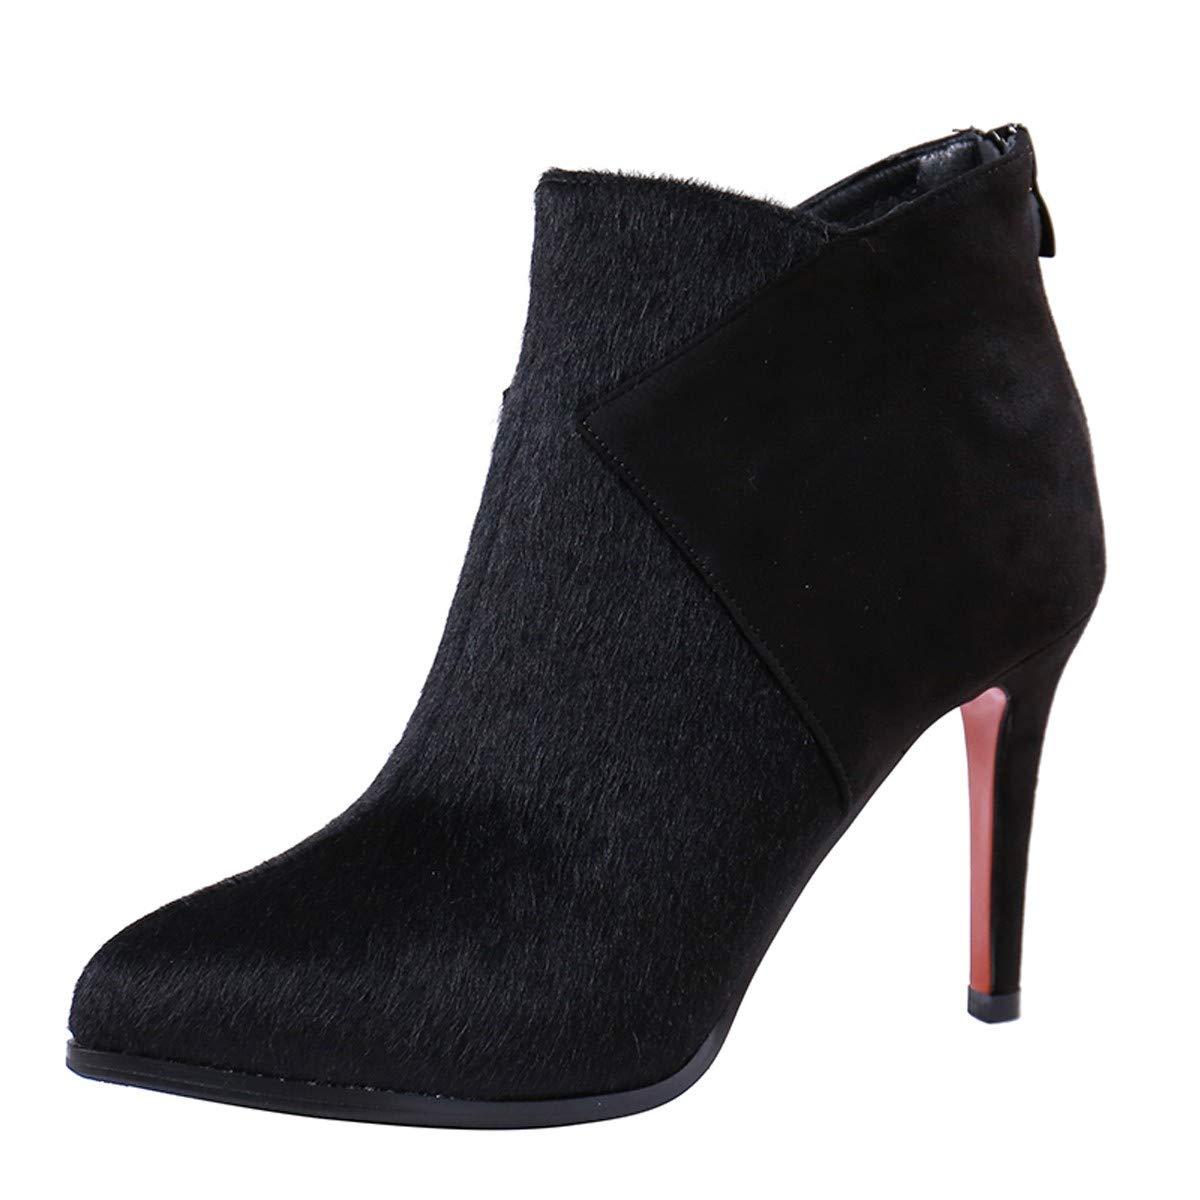 LBTSQ-Trendy Hochhackige Schuhe 10Cm Zusammenfügen Reißverschluss Kurze Stiefel Ohne Stiefel.